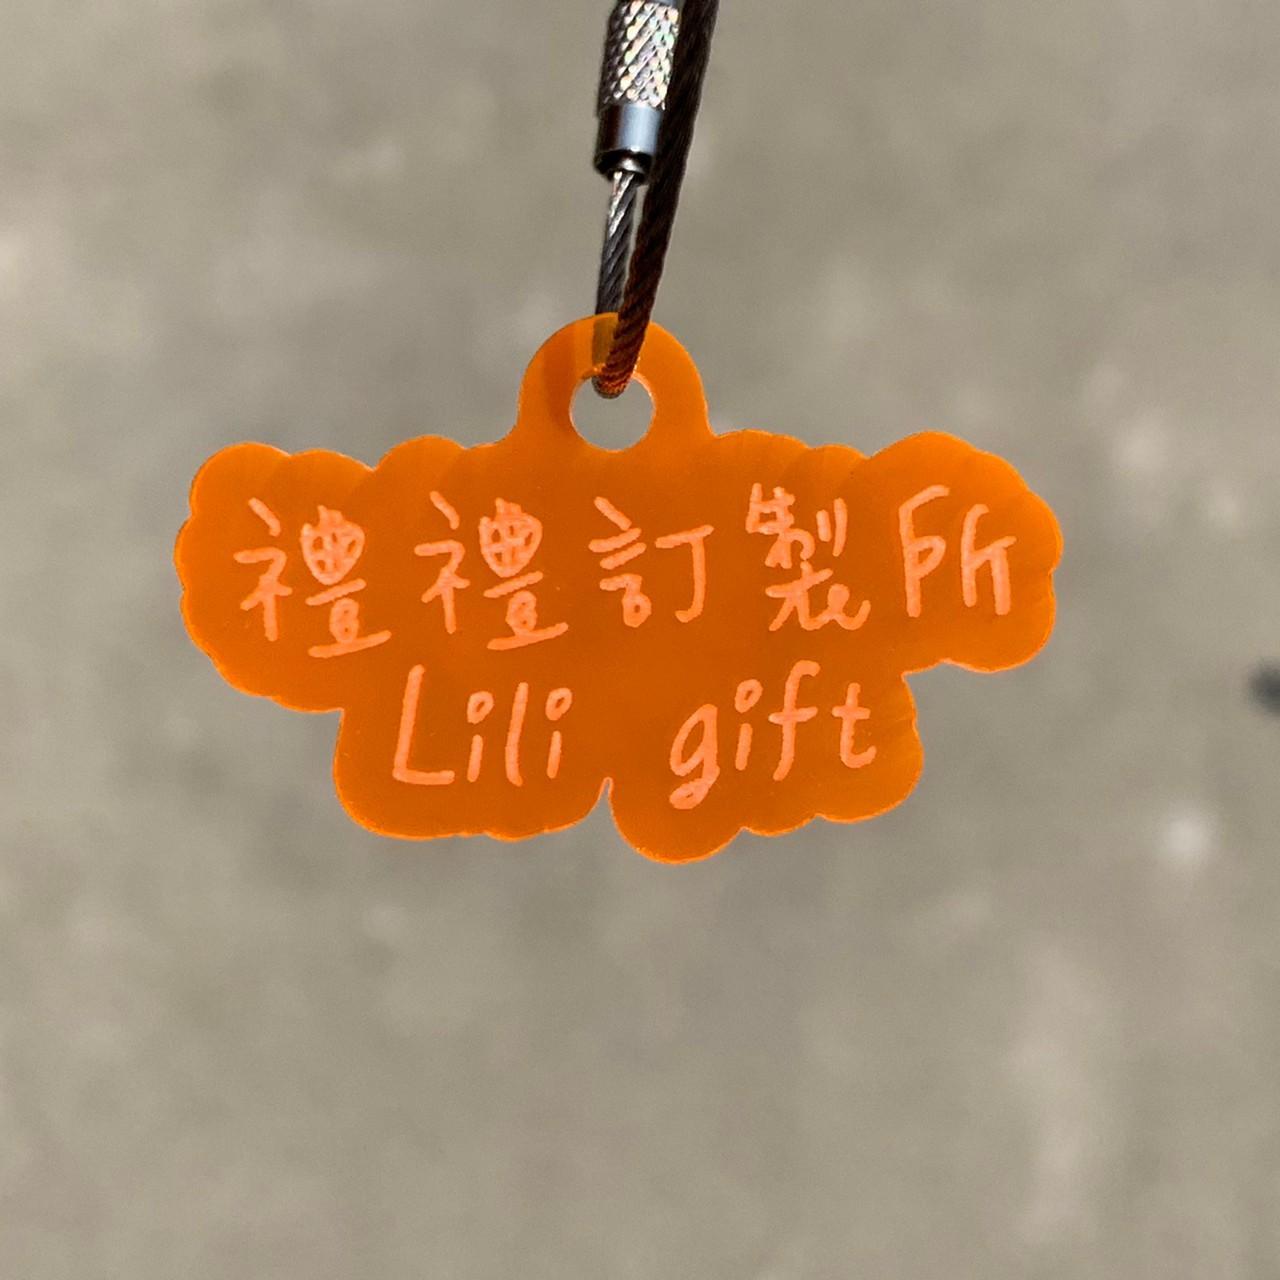 禮禮產品毛片1103_201104_36.jpg